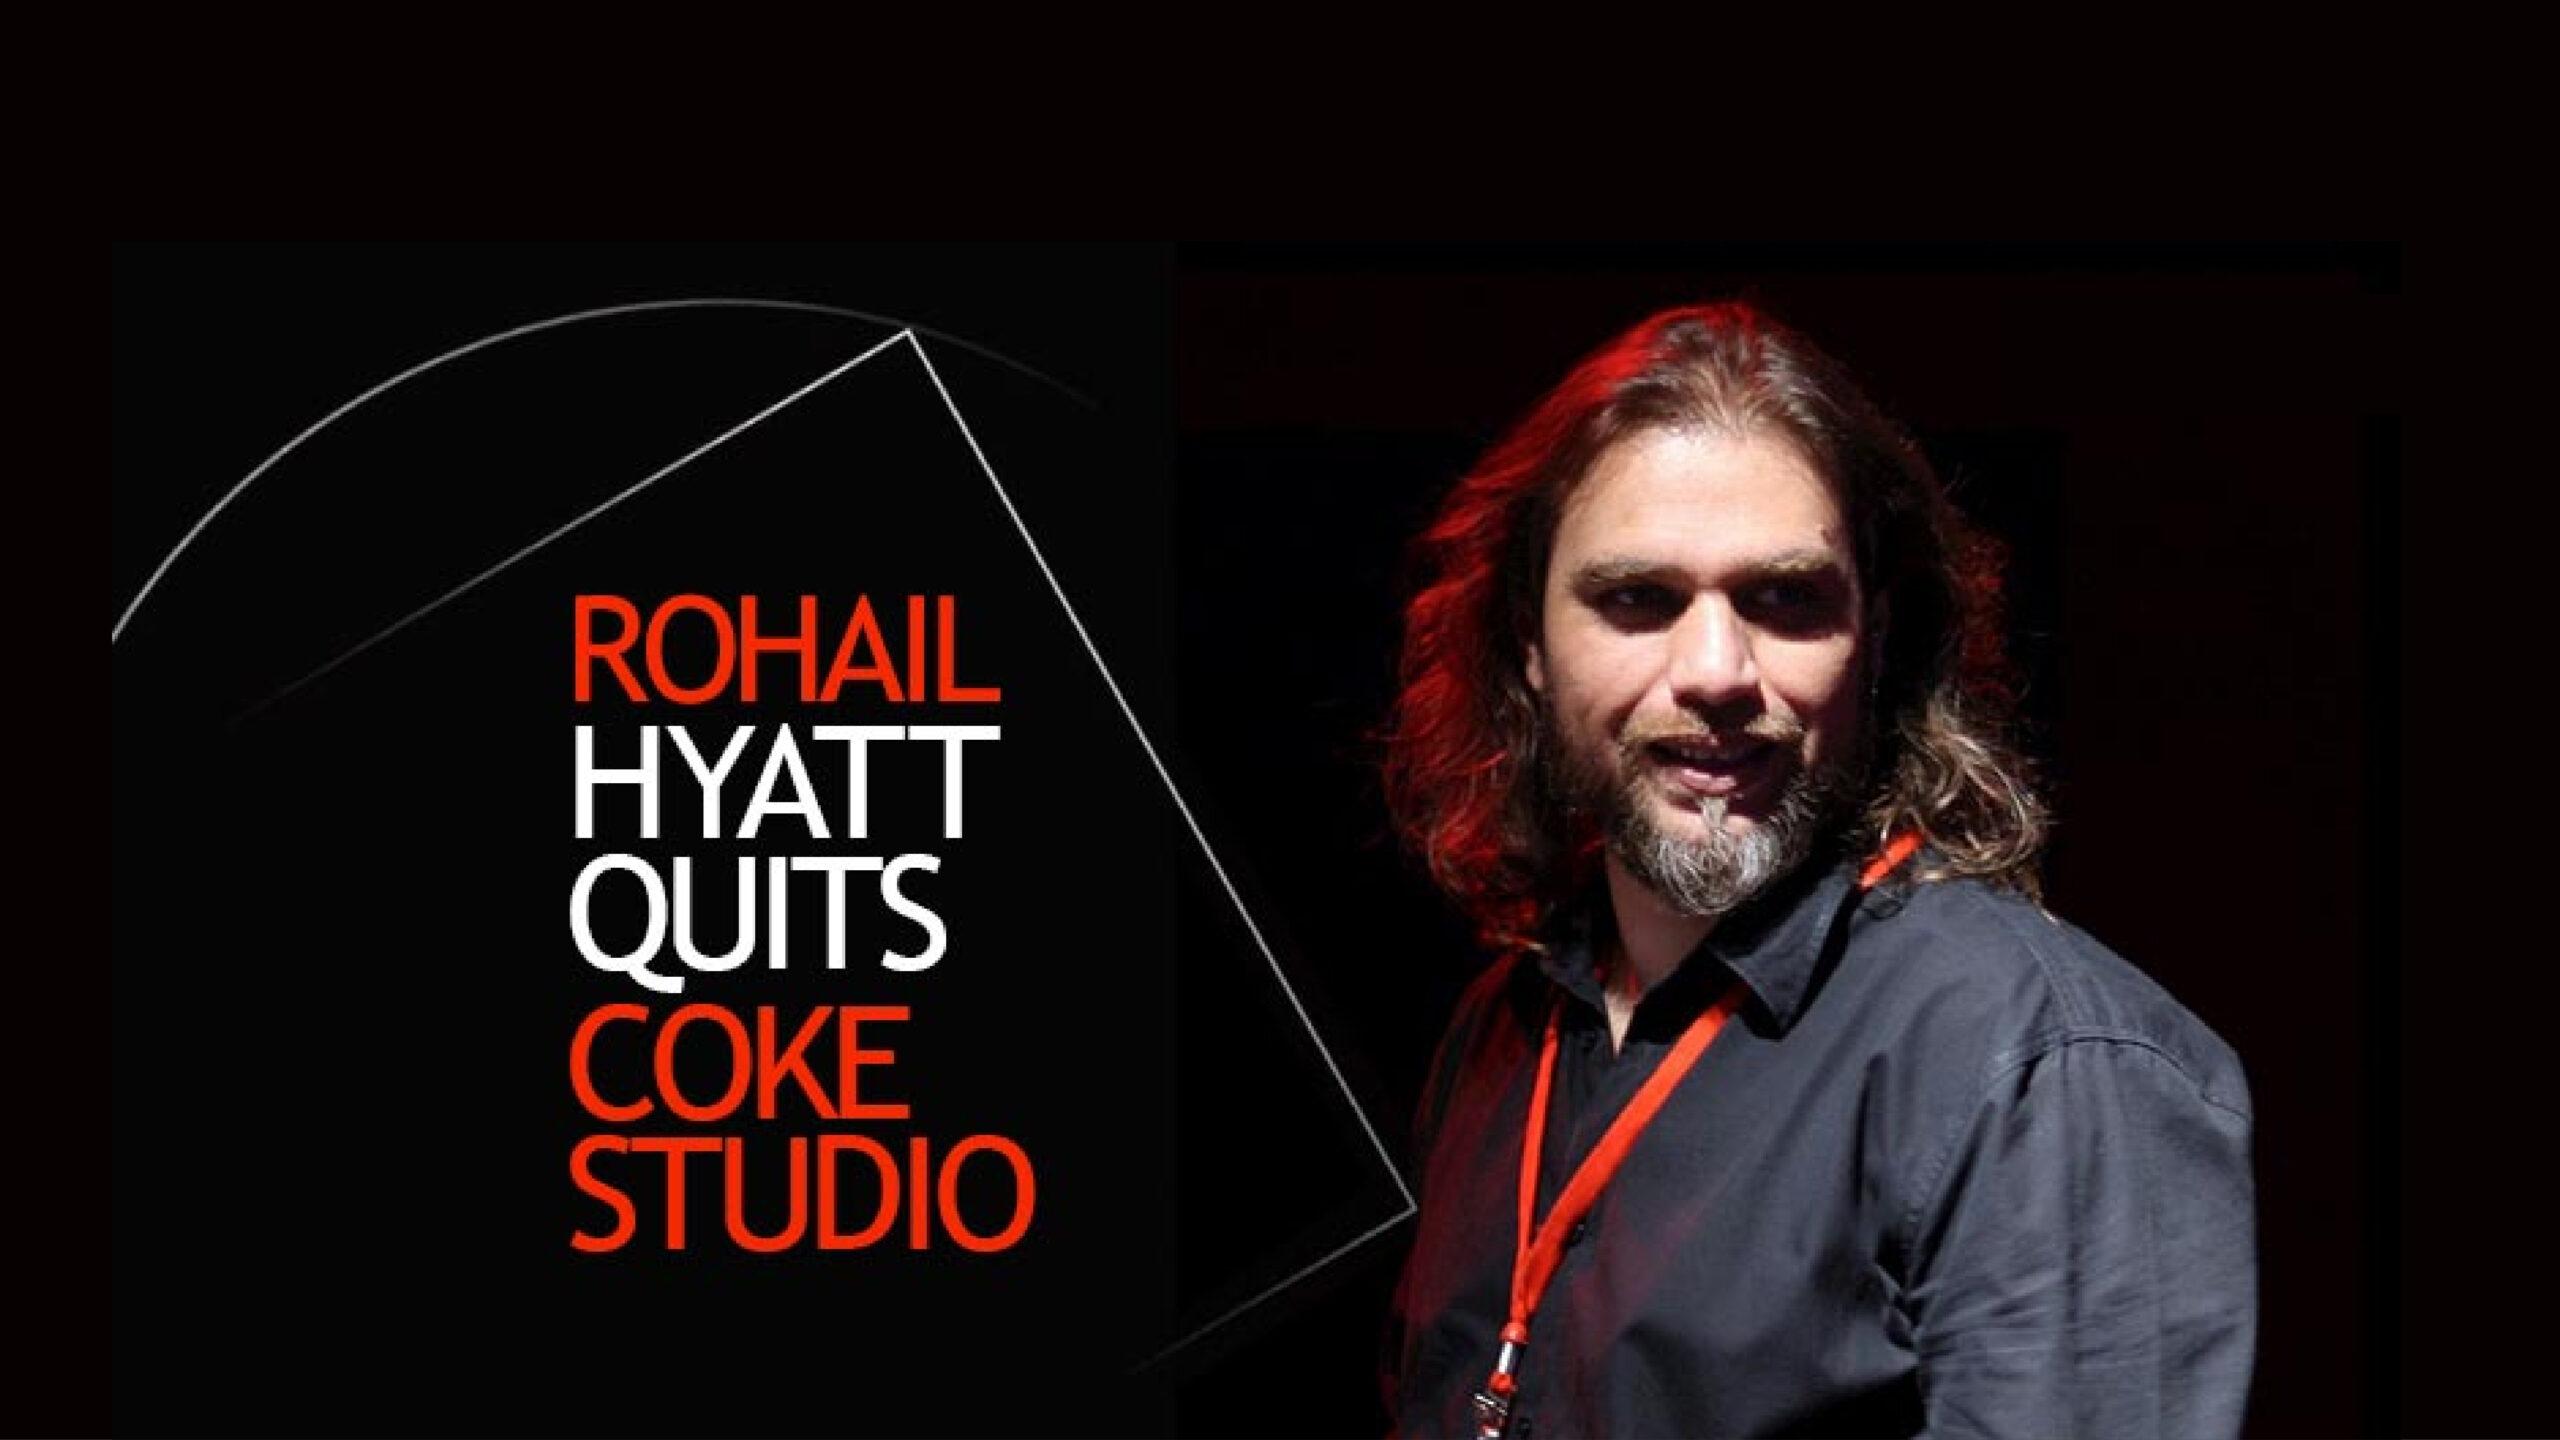 Rohail Hyatt